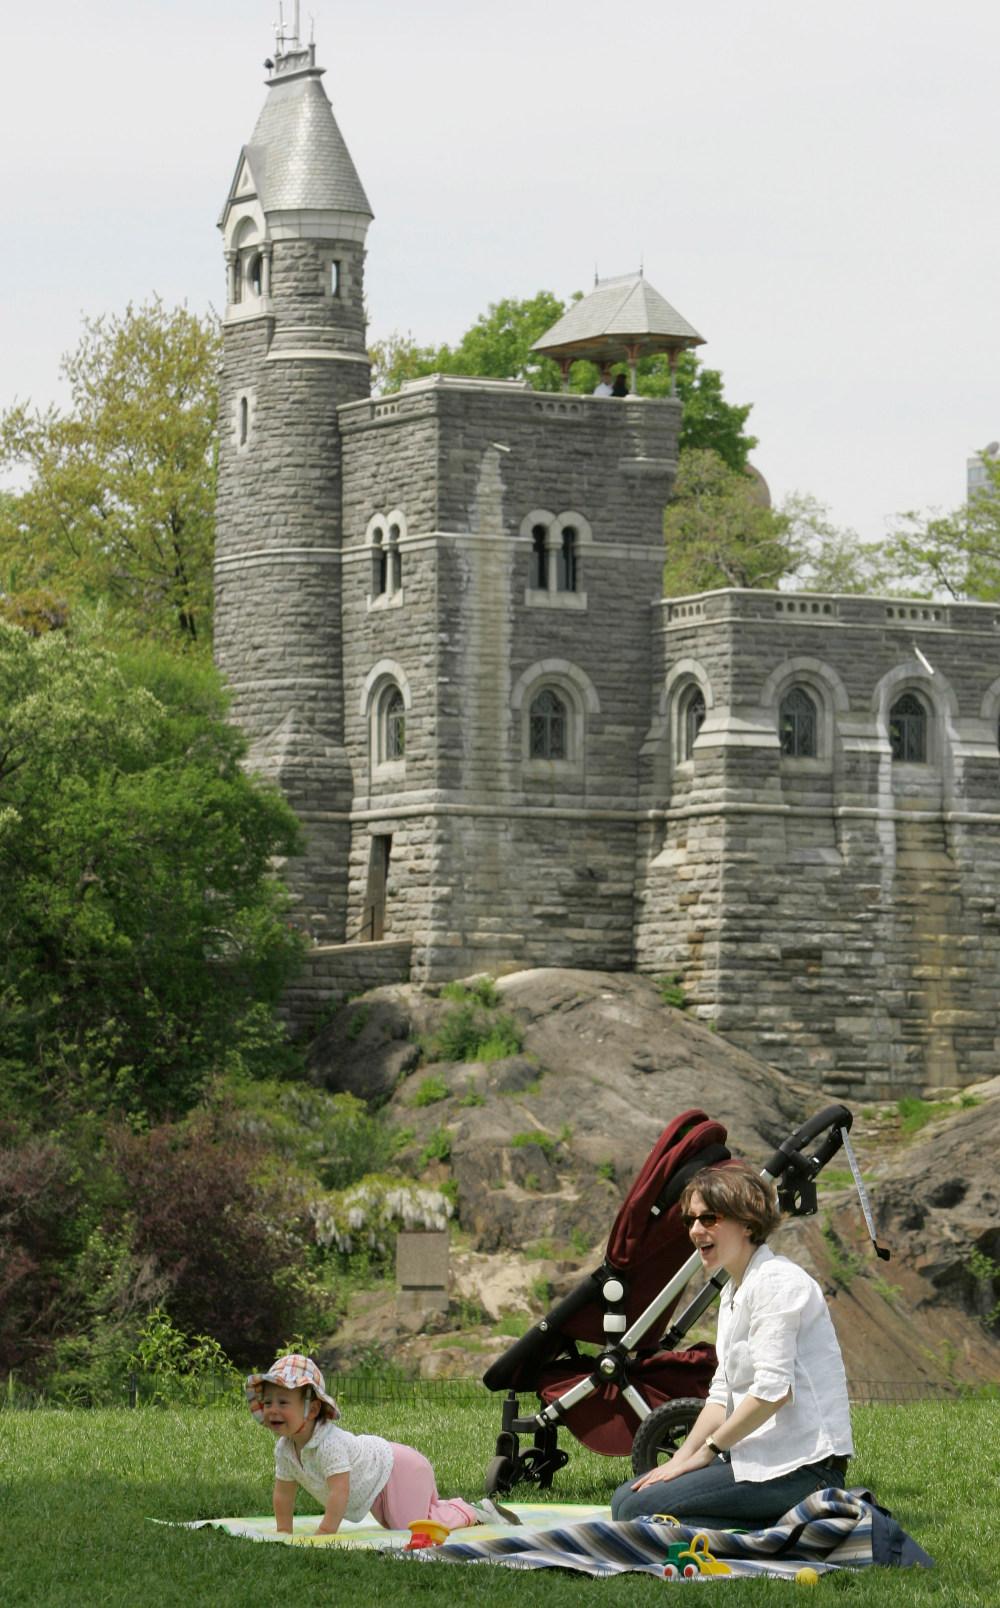 Εικόνα από το  κάστρο Μπελβεντέρ στο Σέντραλ Παρκ της Νέας Υόρκης